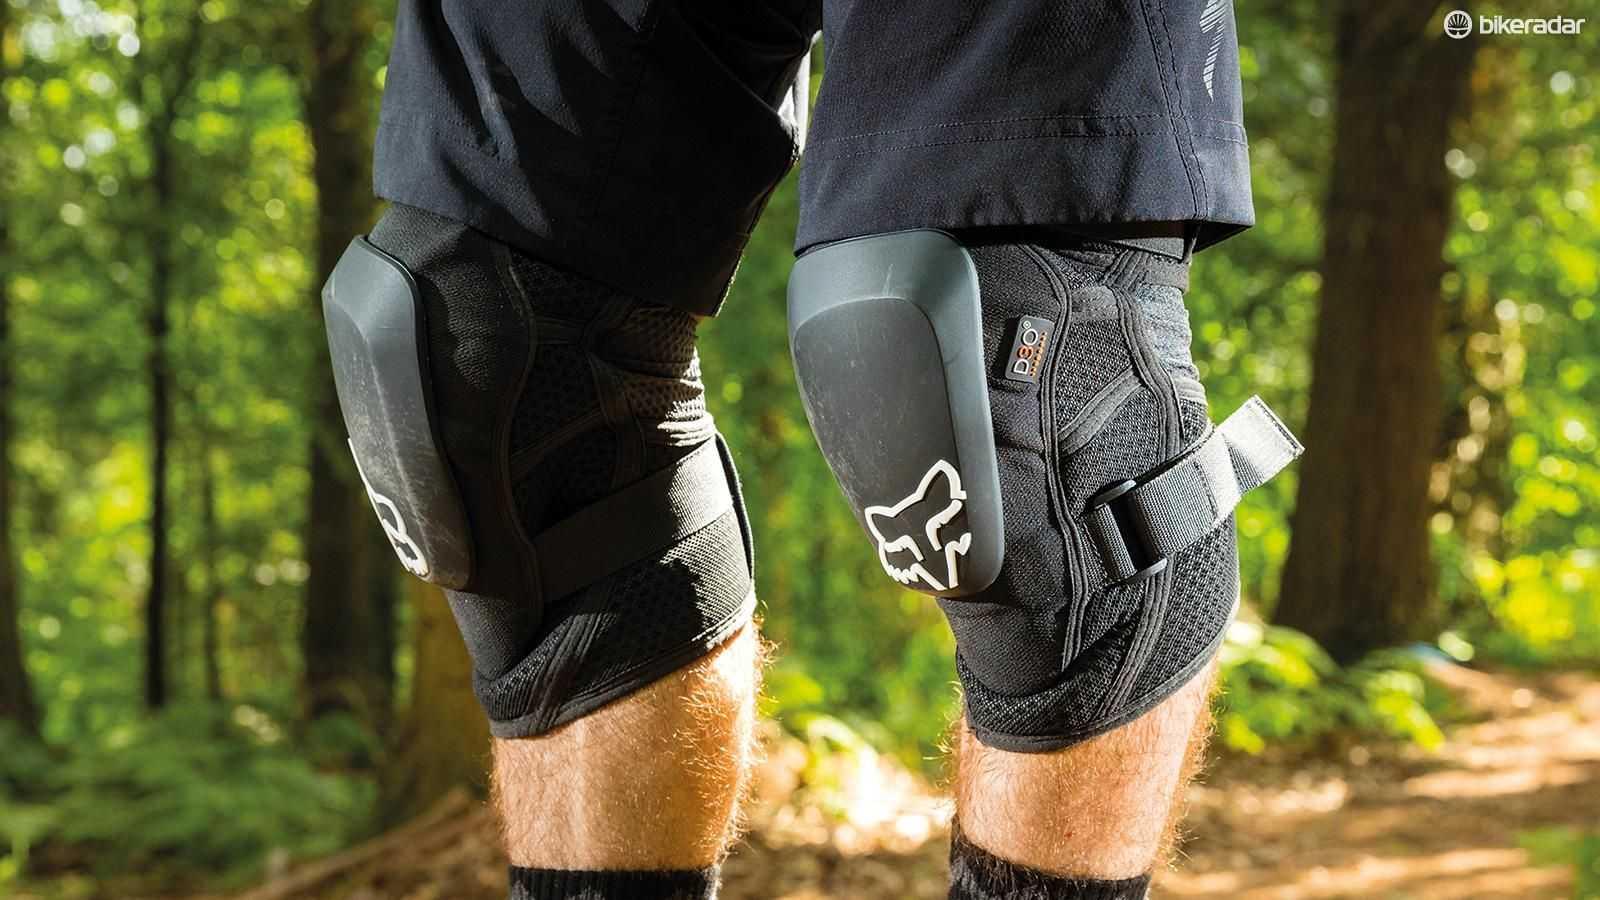 Как выбрать наколенники при артрозе коленного сустава: цена, размеры, материалы? - твой суставчик